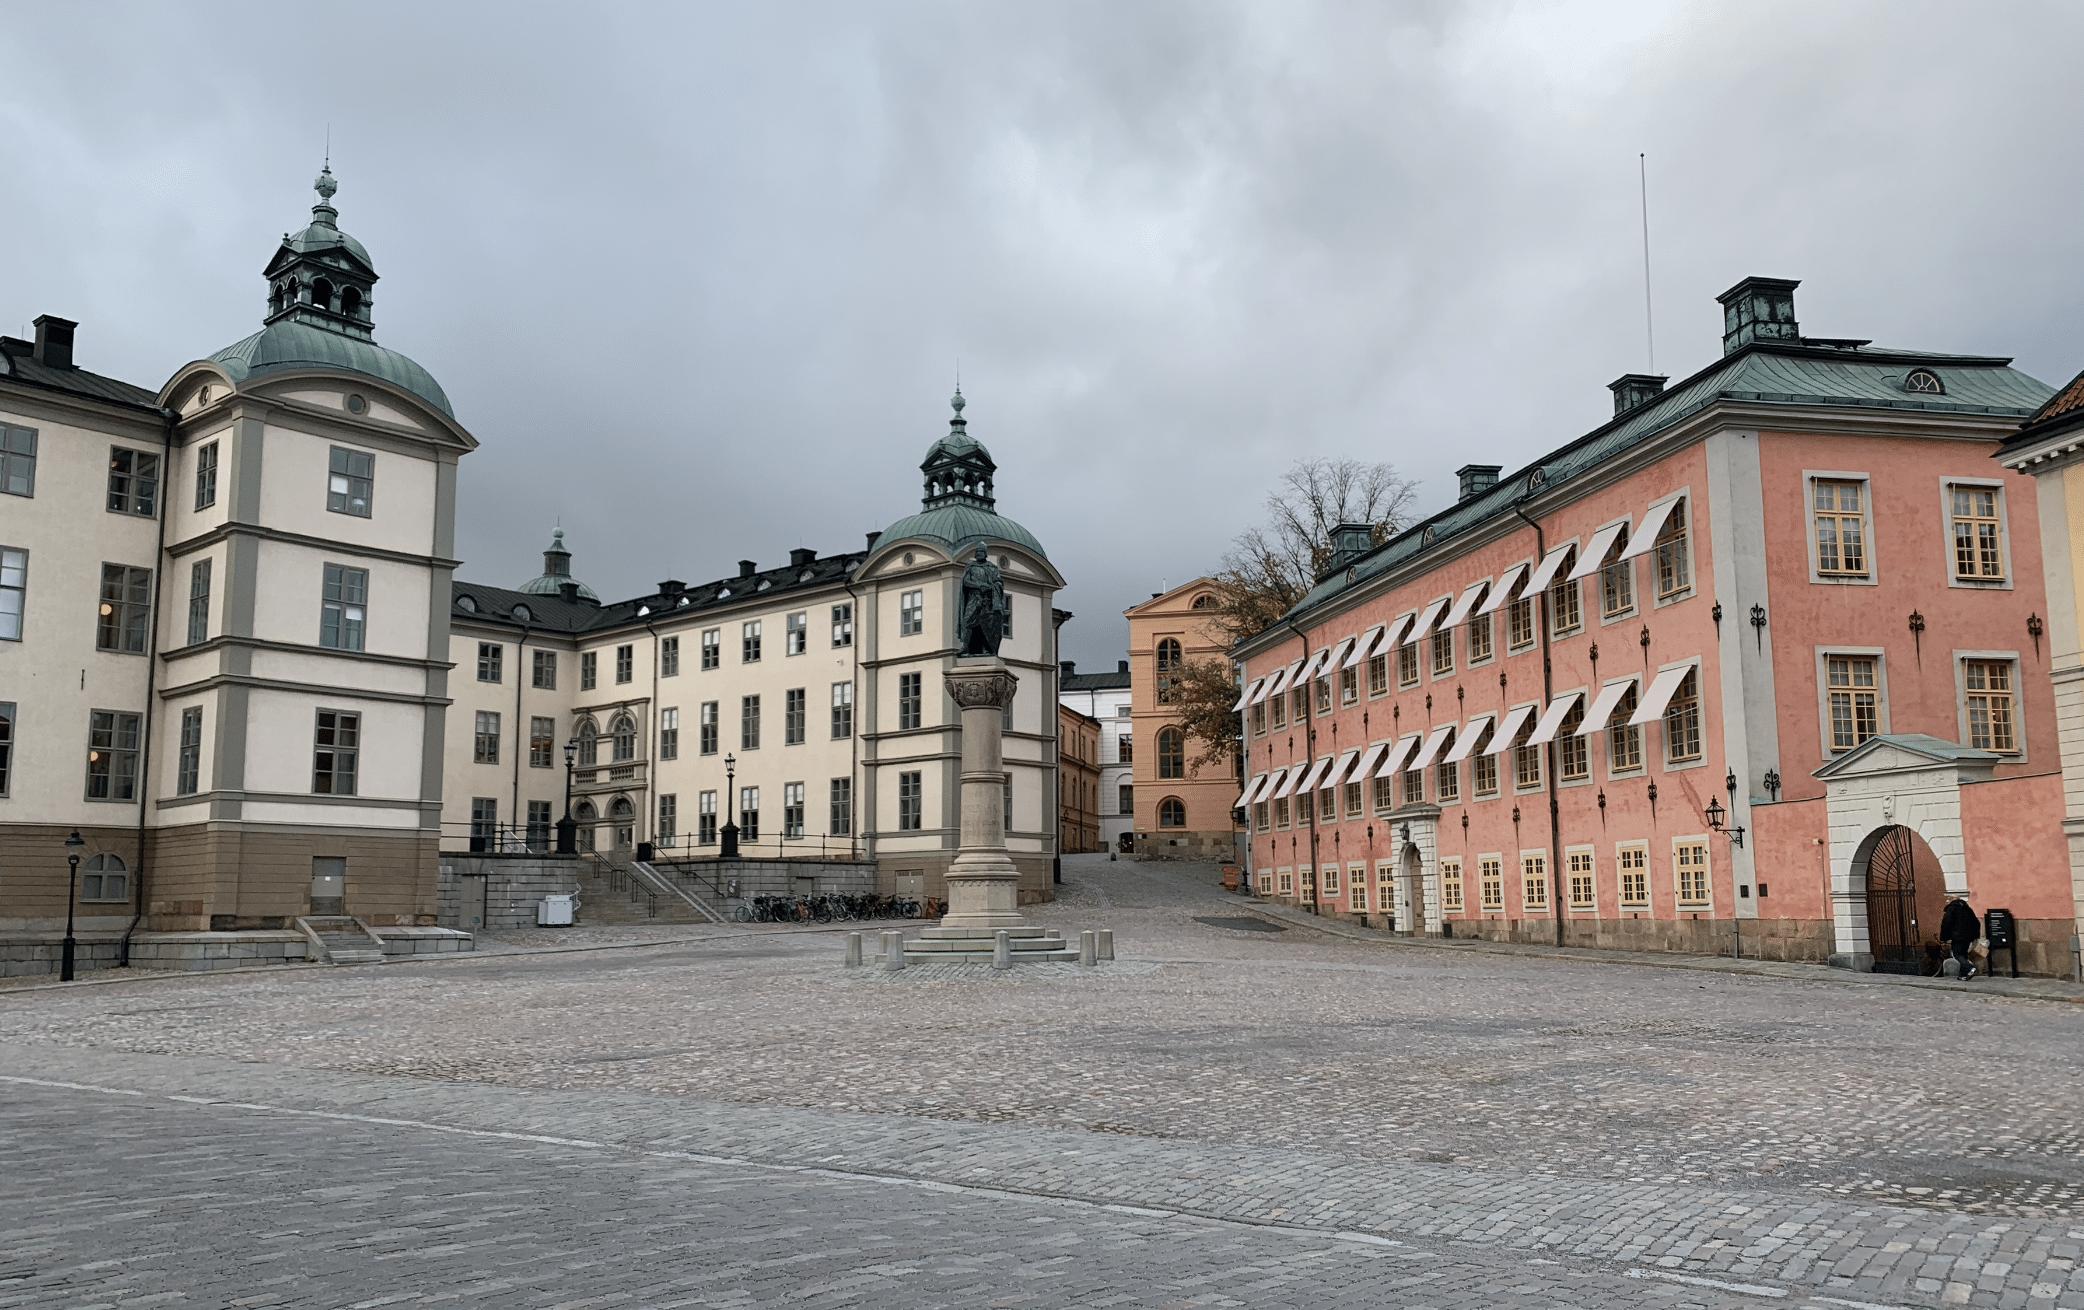 que faire a stockholm : se balader sur l'ile de riddarholmen